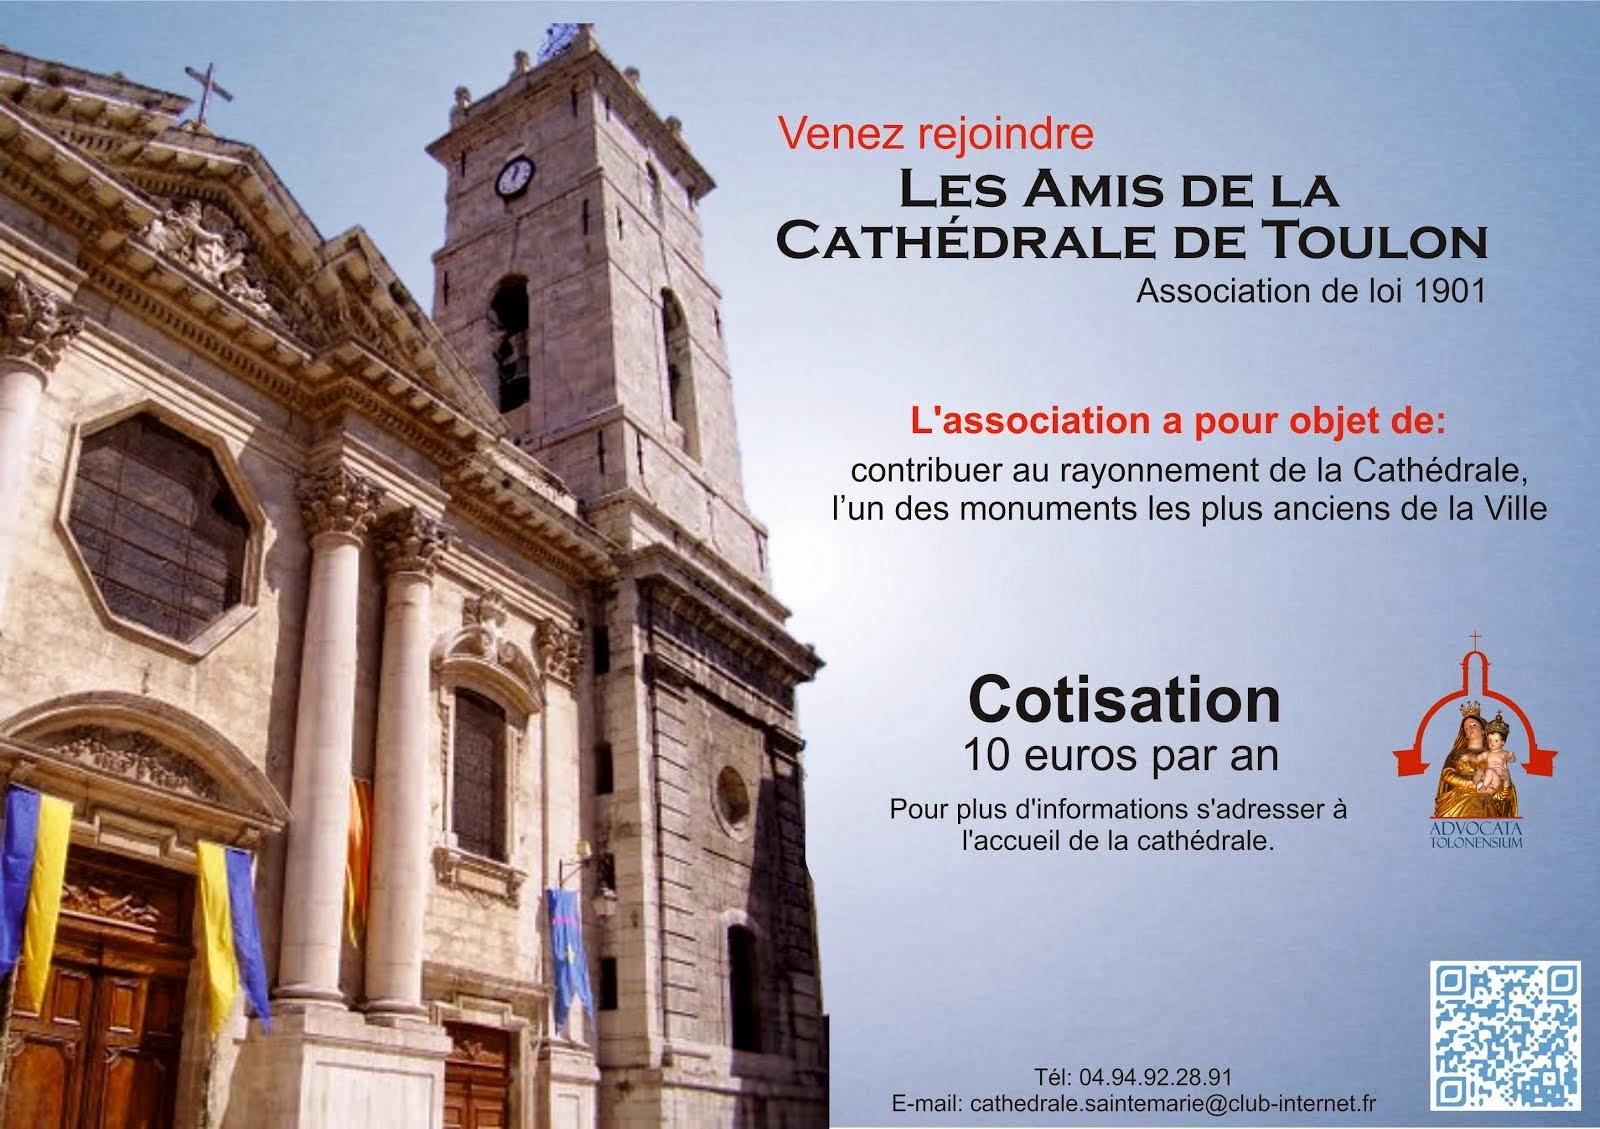 Amis de la Cathédrale de Toulon